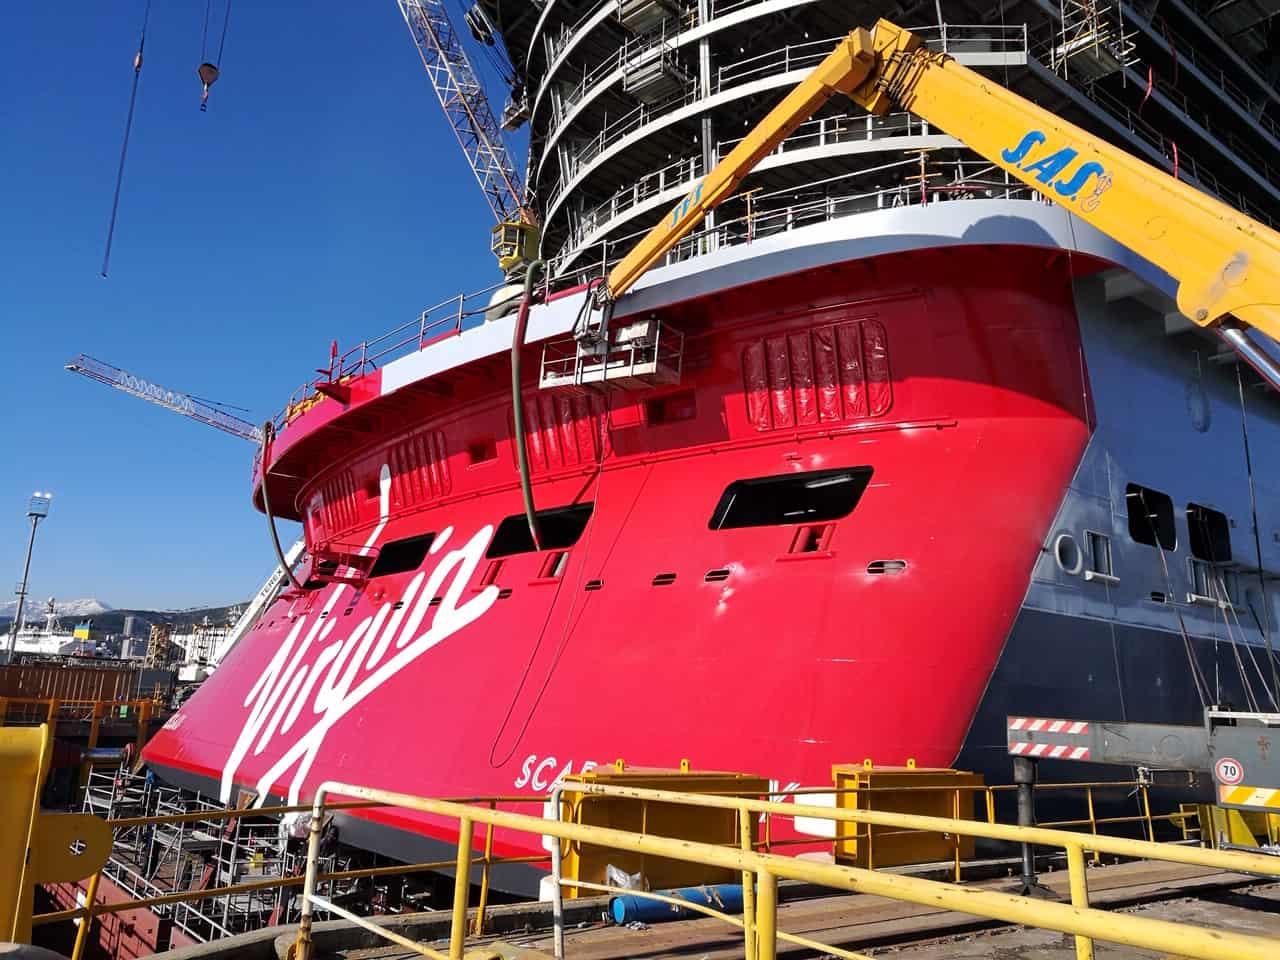 News sur la navale mondiale (les chantiers de constructions navales-dont chantiers STX stNaz) - Page 9 5